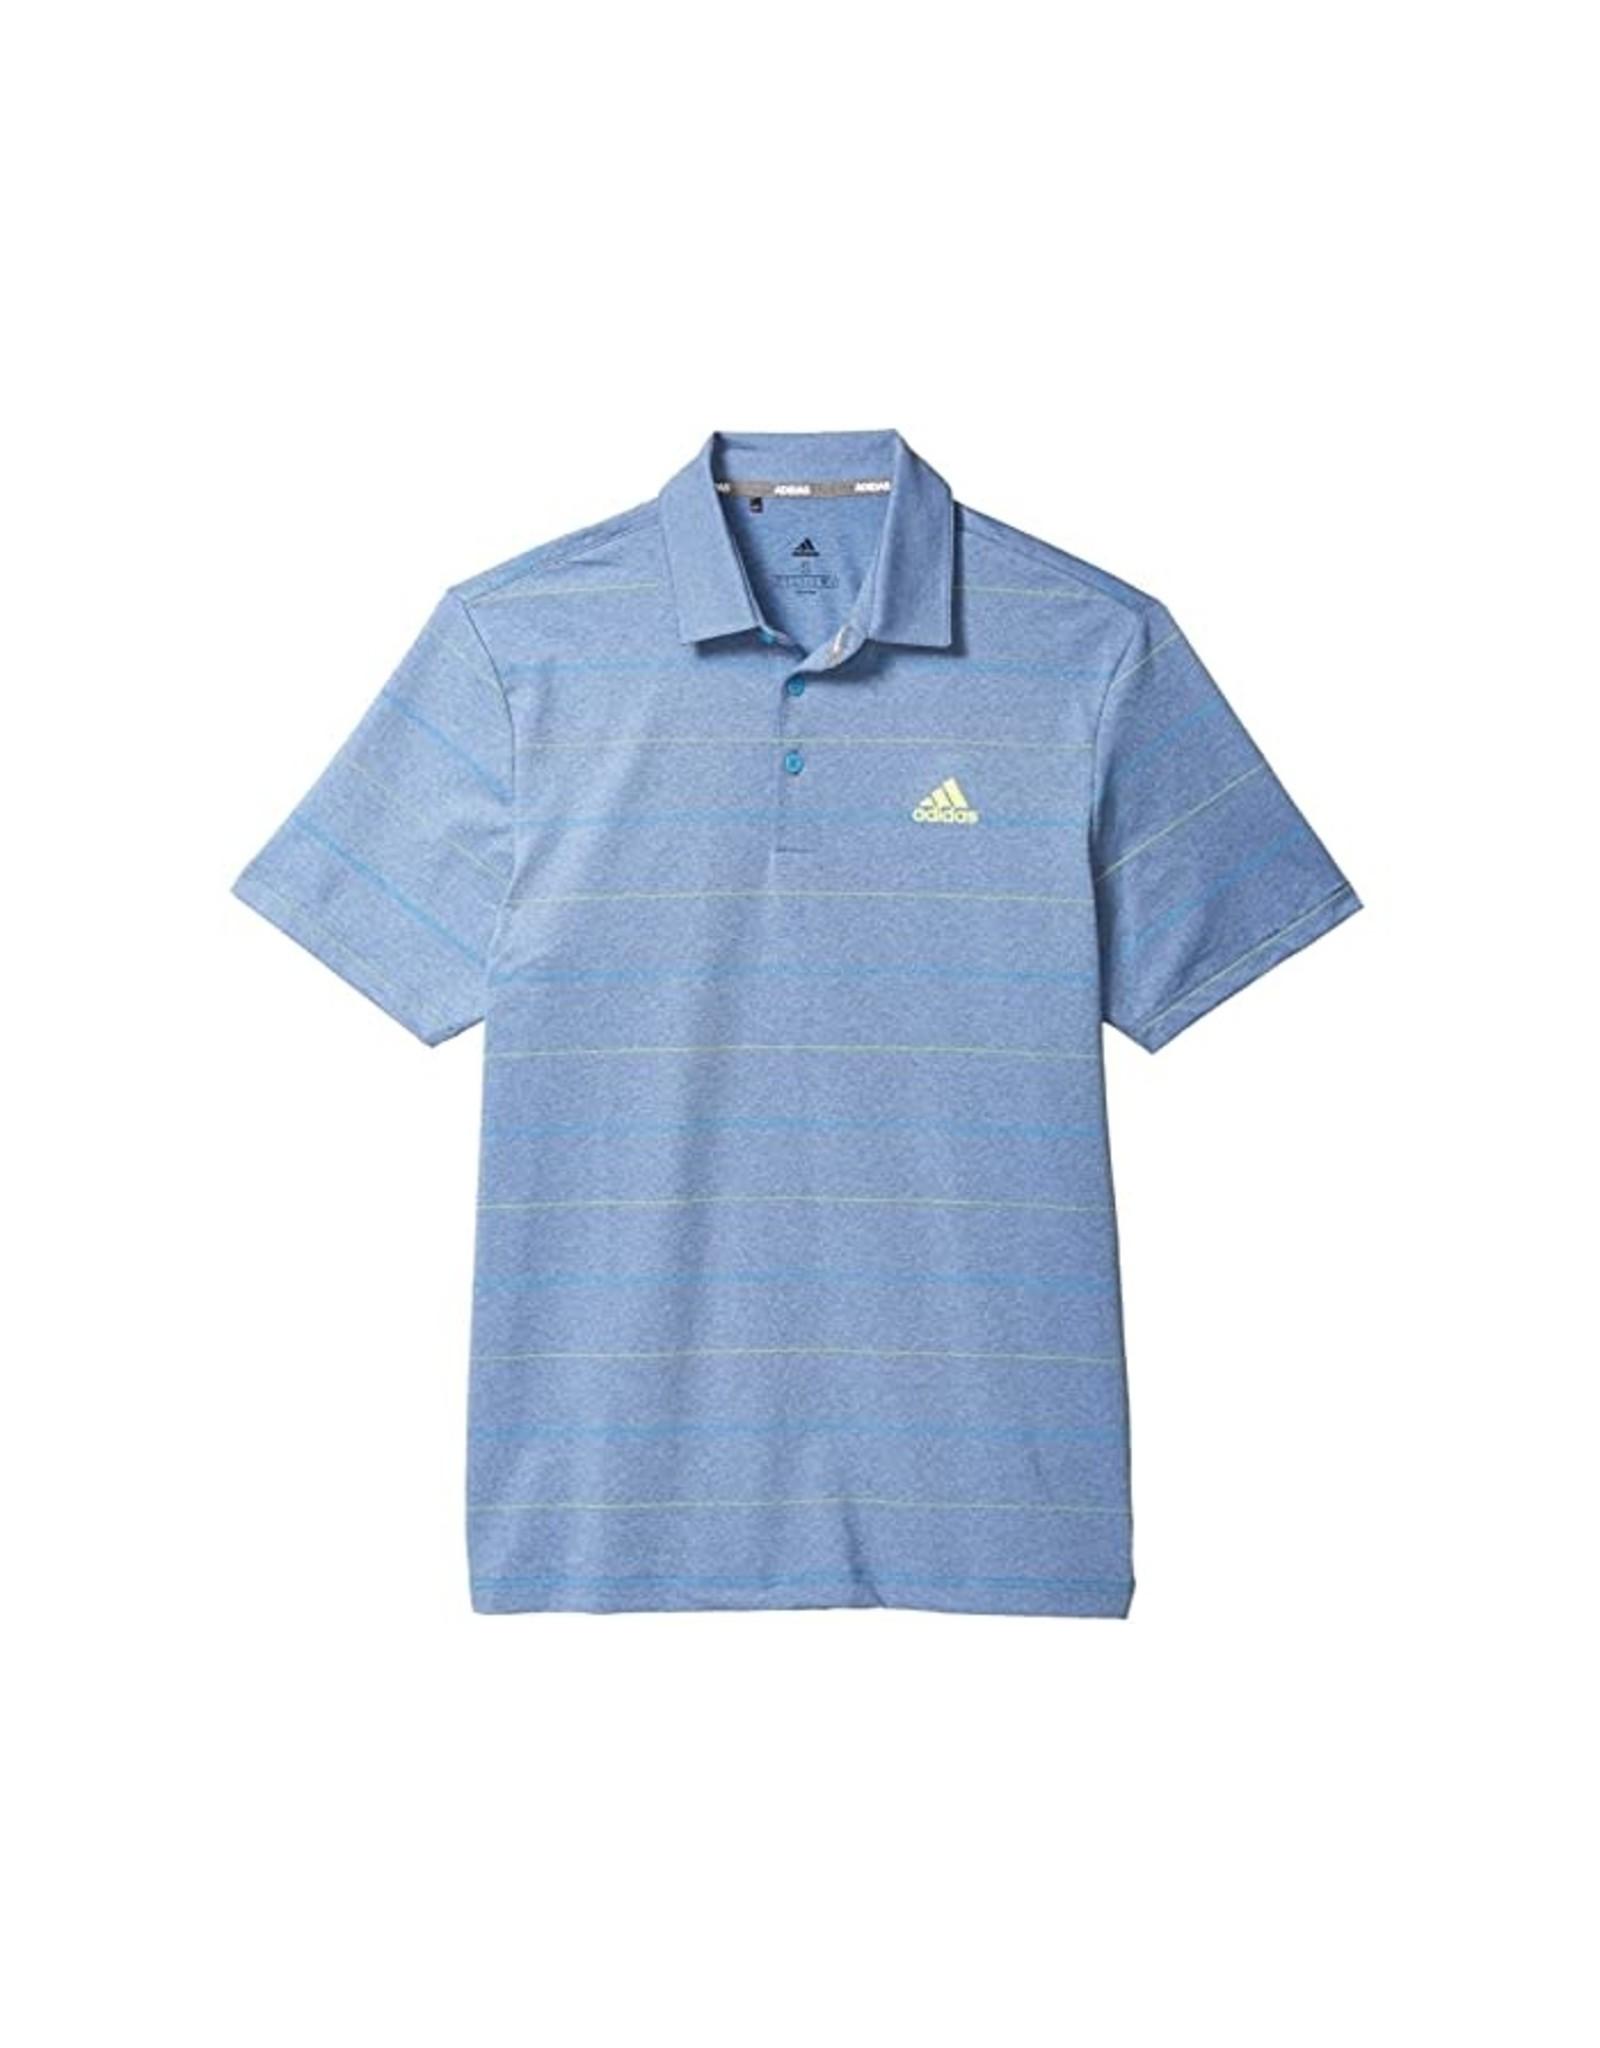 Adidas Shirt Adi Full Year